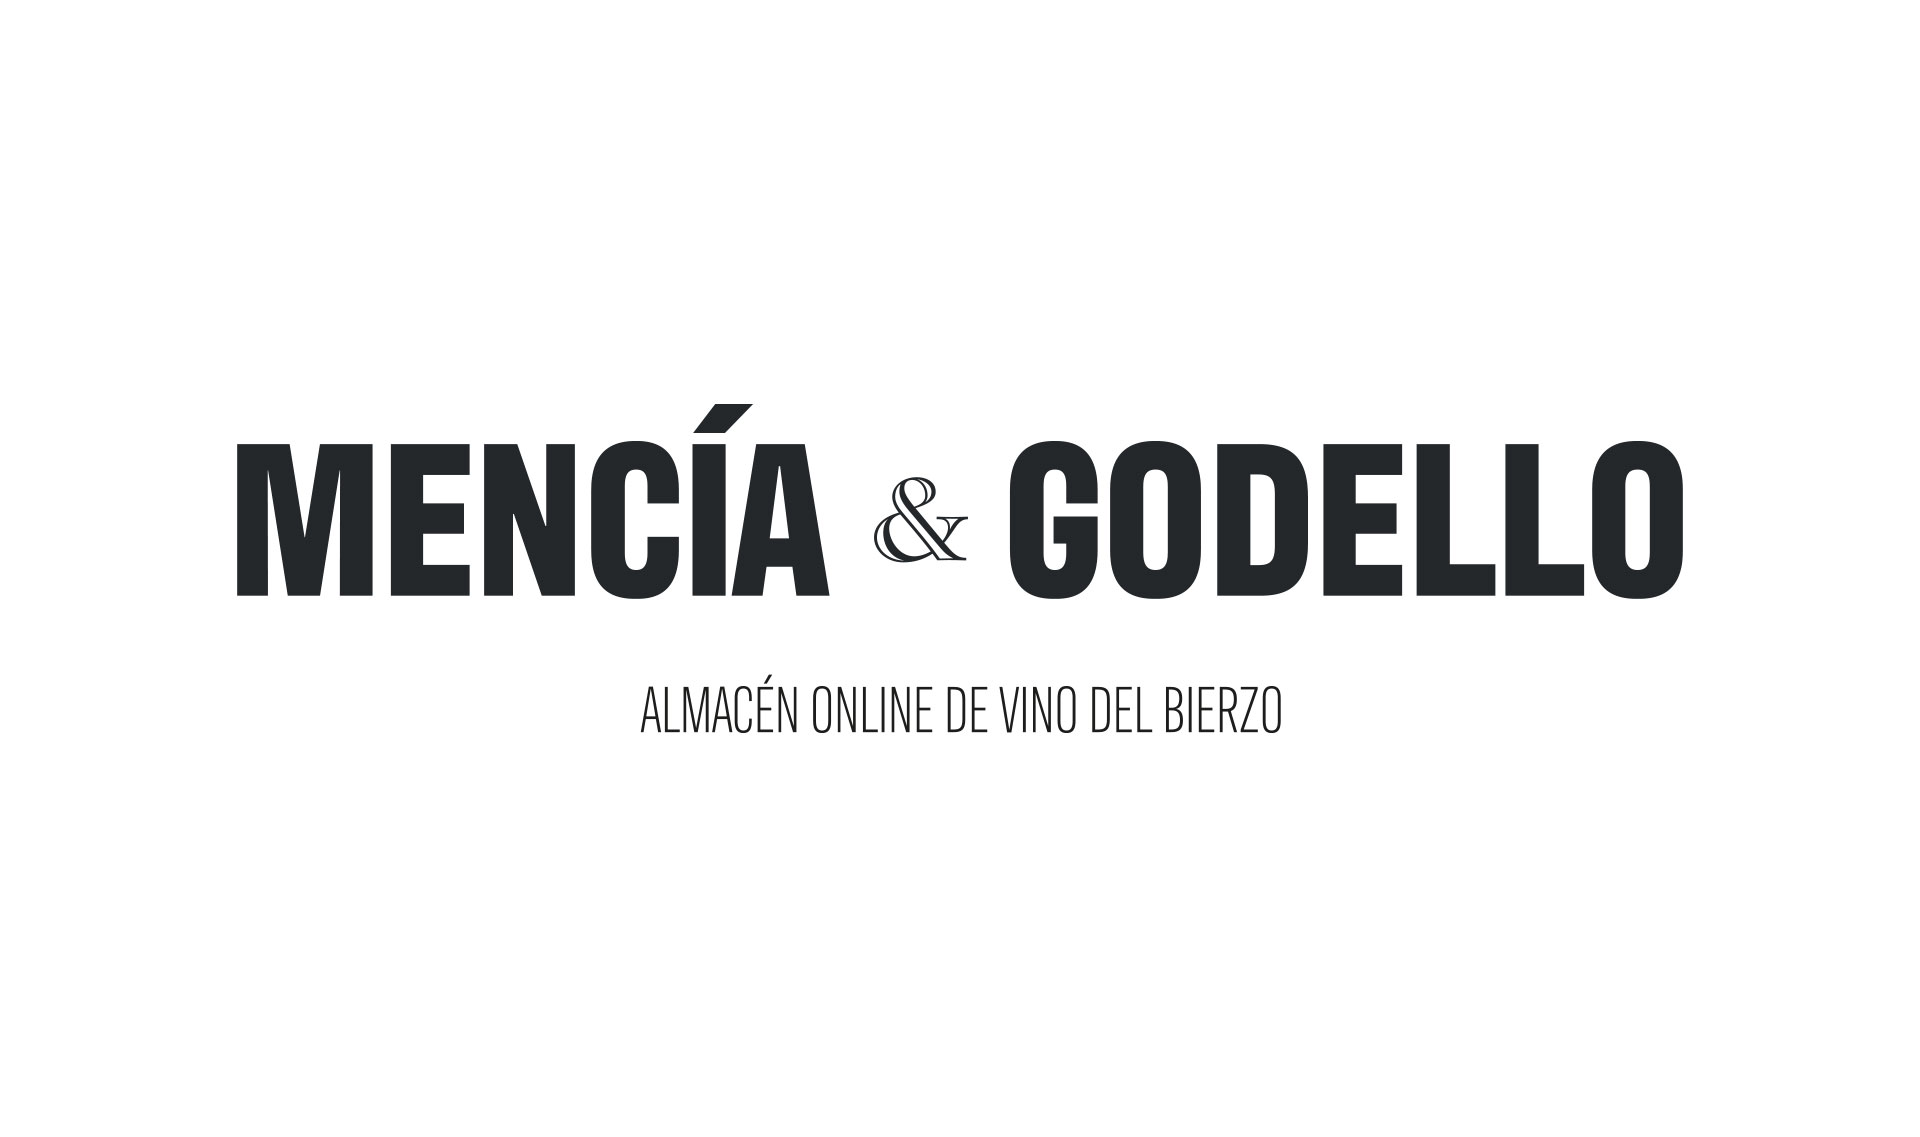 Logotipo Mencía&Godello, almacén de vino del Bierzo, por cdaestudio